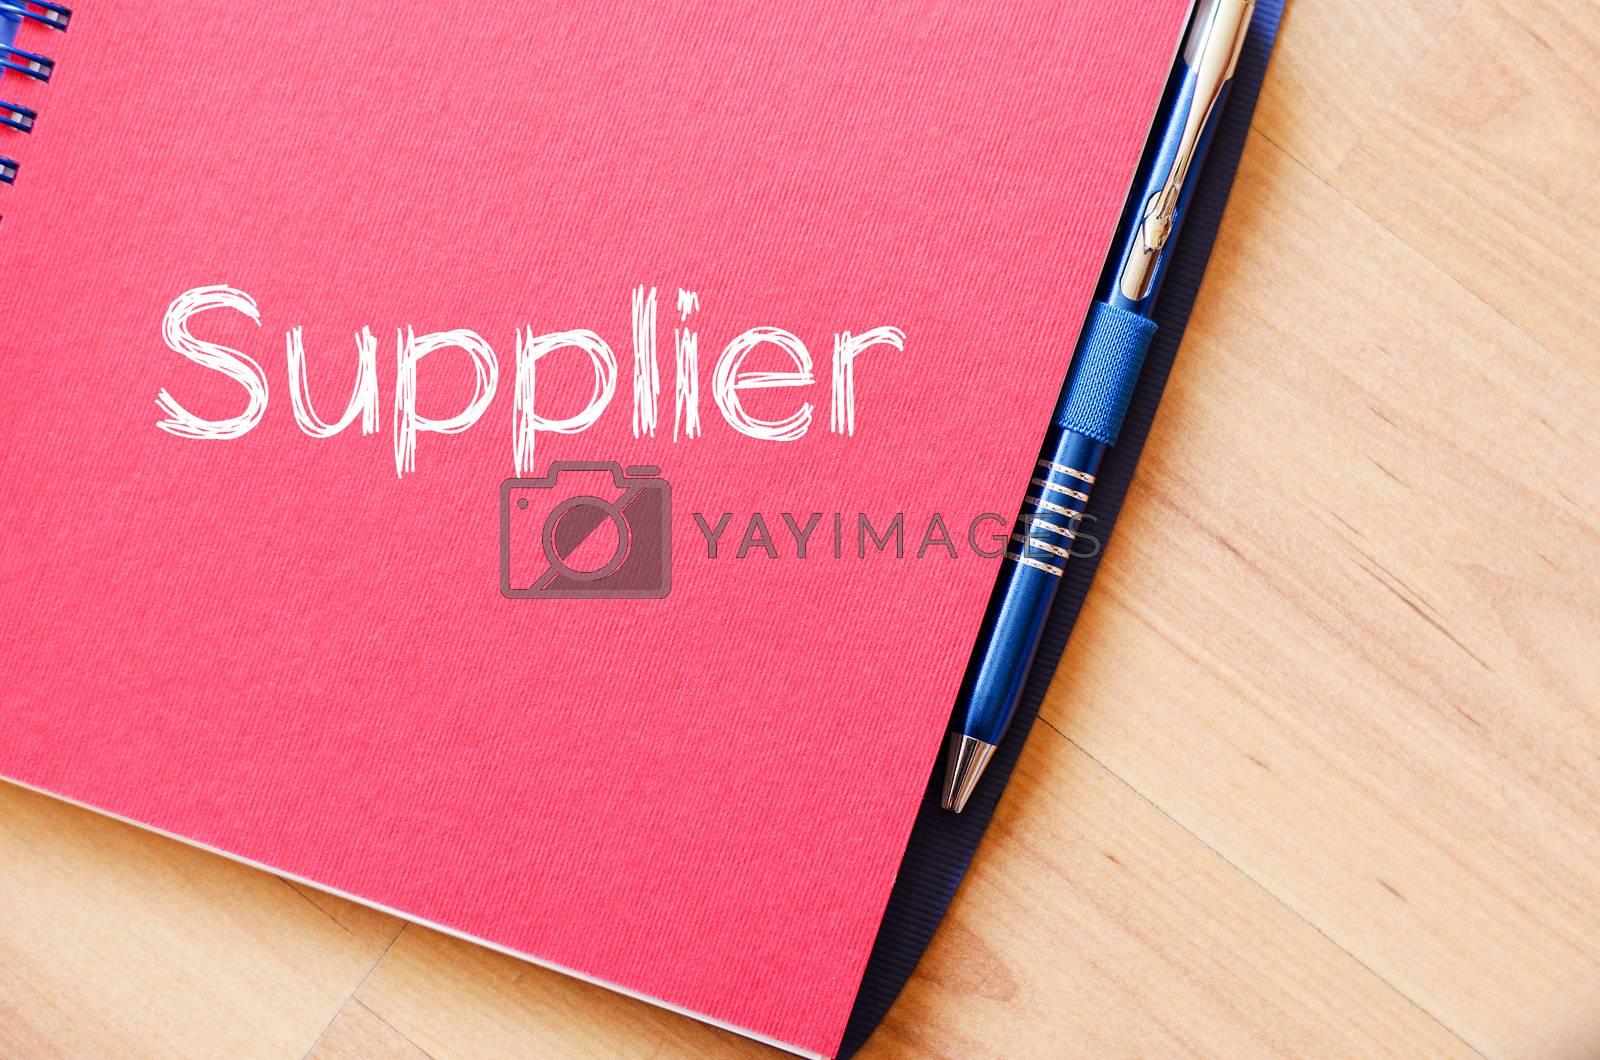 Supplier write on notebook by eenevski